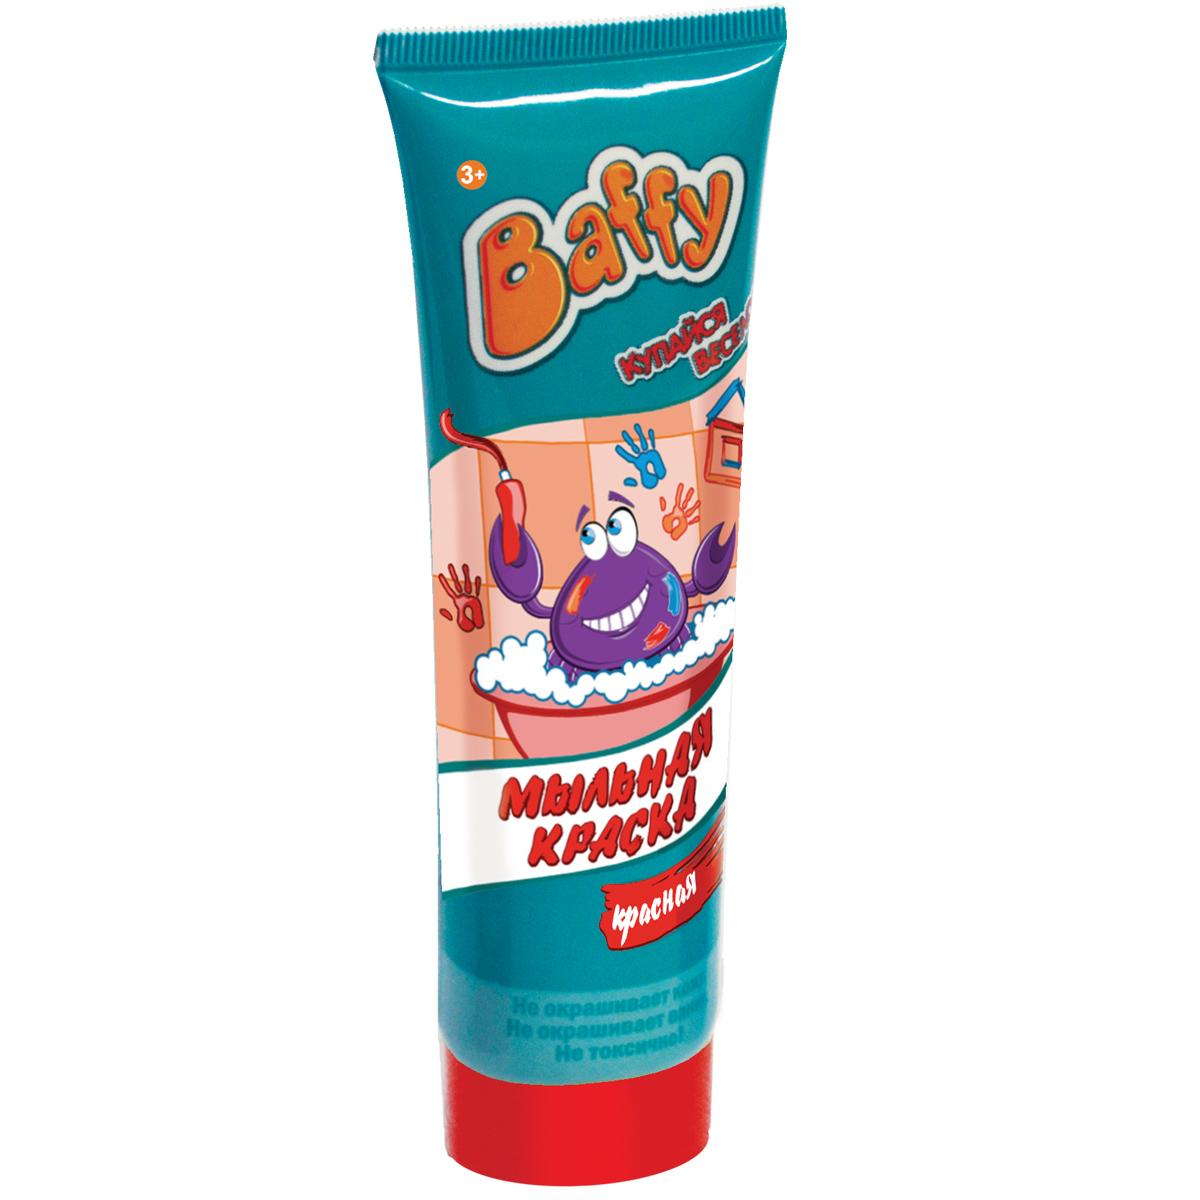 Baffy Мыльная краска цвет красныйD0105Купание в ванне превратится в увлекательную и творческую игру с помощью мыльной краски Baffy. Теперь можно рисовать прямо в ванной! Нанесите краски на кожу, рисуйте на кафельной поверхности или самой ванне. Благодаря специальному мыльному составу, красками можно не только рисовать, но и мыться. Легко смываются водой. Не окрашивает кожу и ванну. Безопасно для кожи ребенка. Объем: 75 мл.